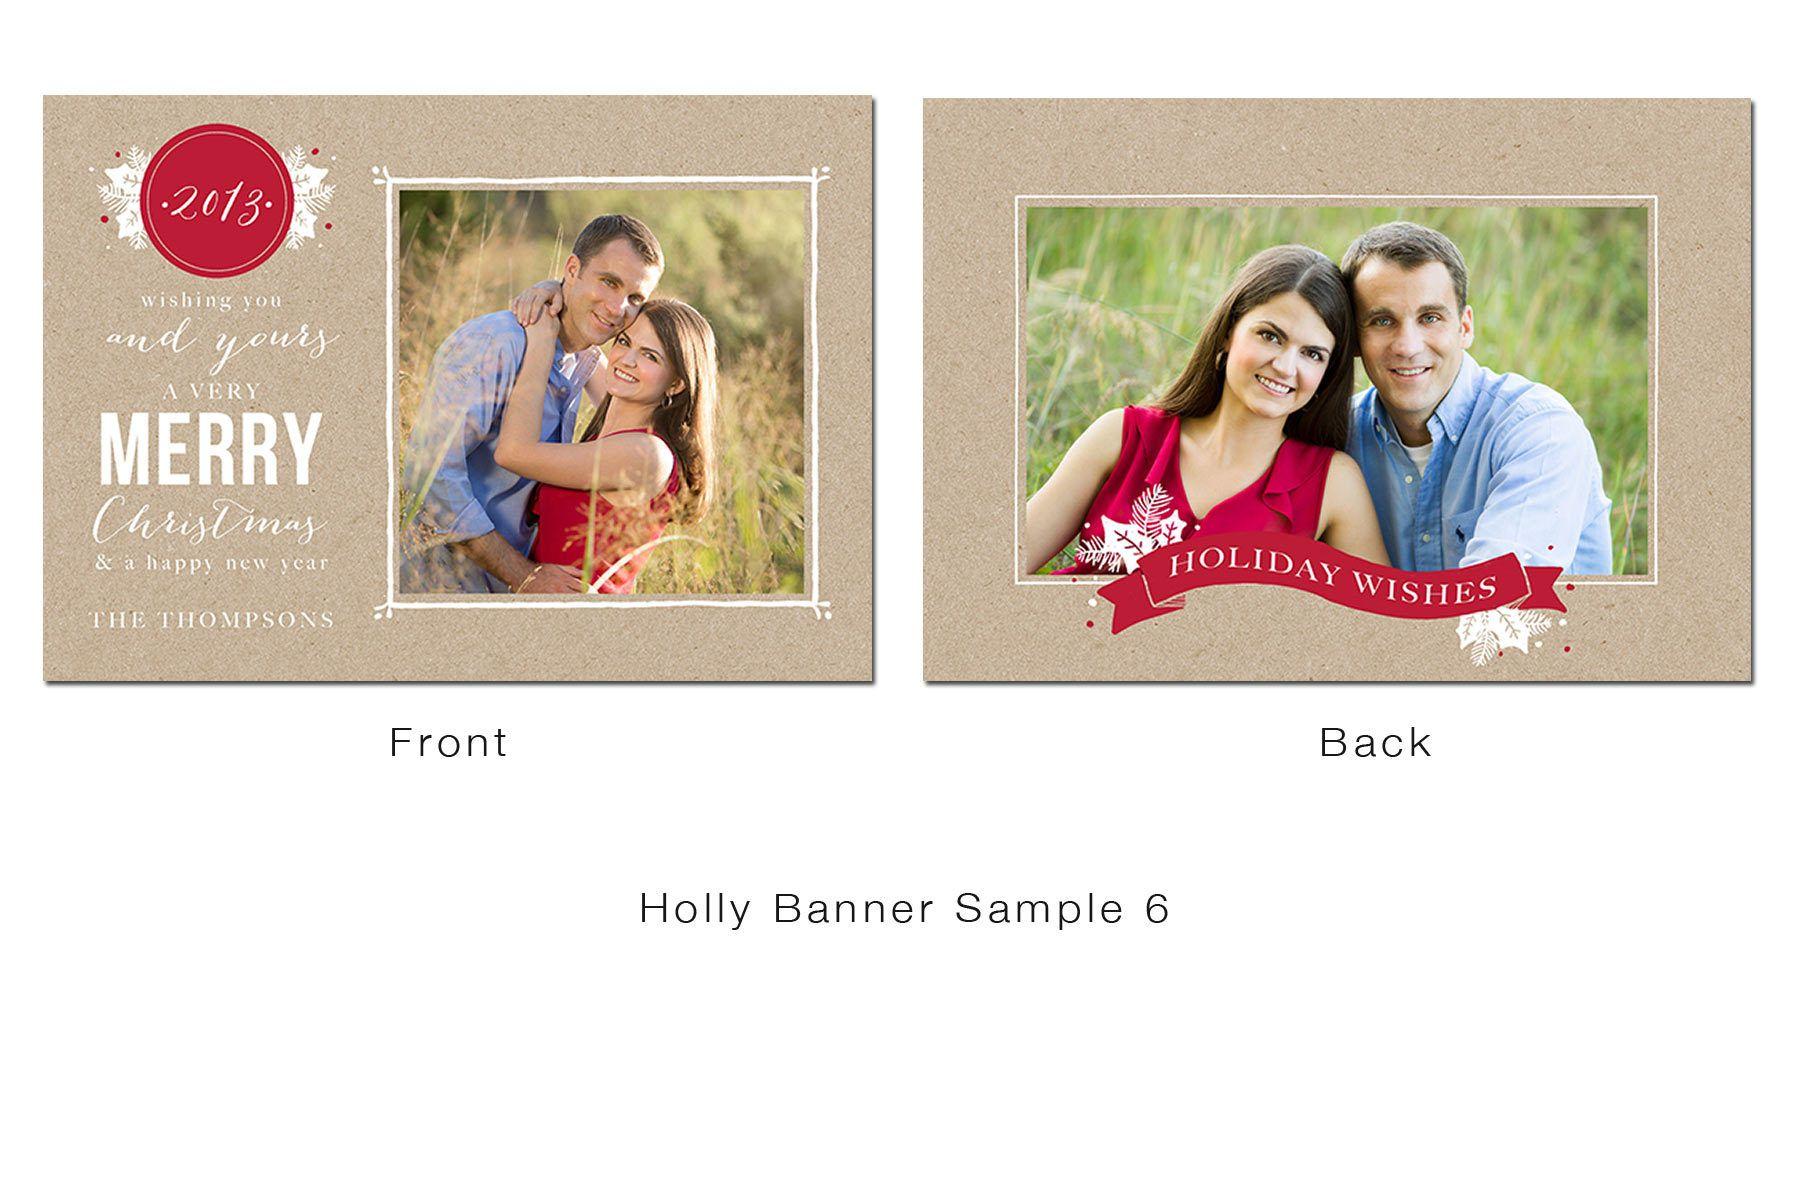 1holly_banner_sample_6.jpg